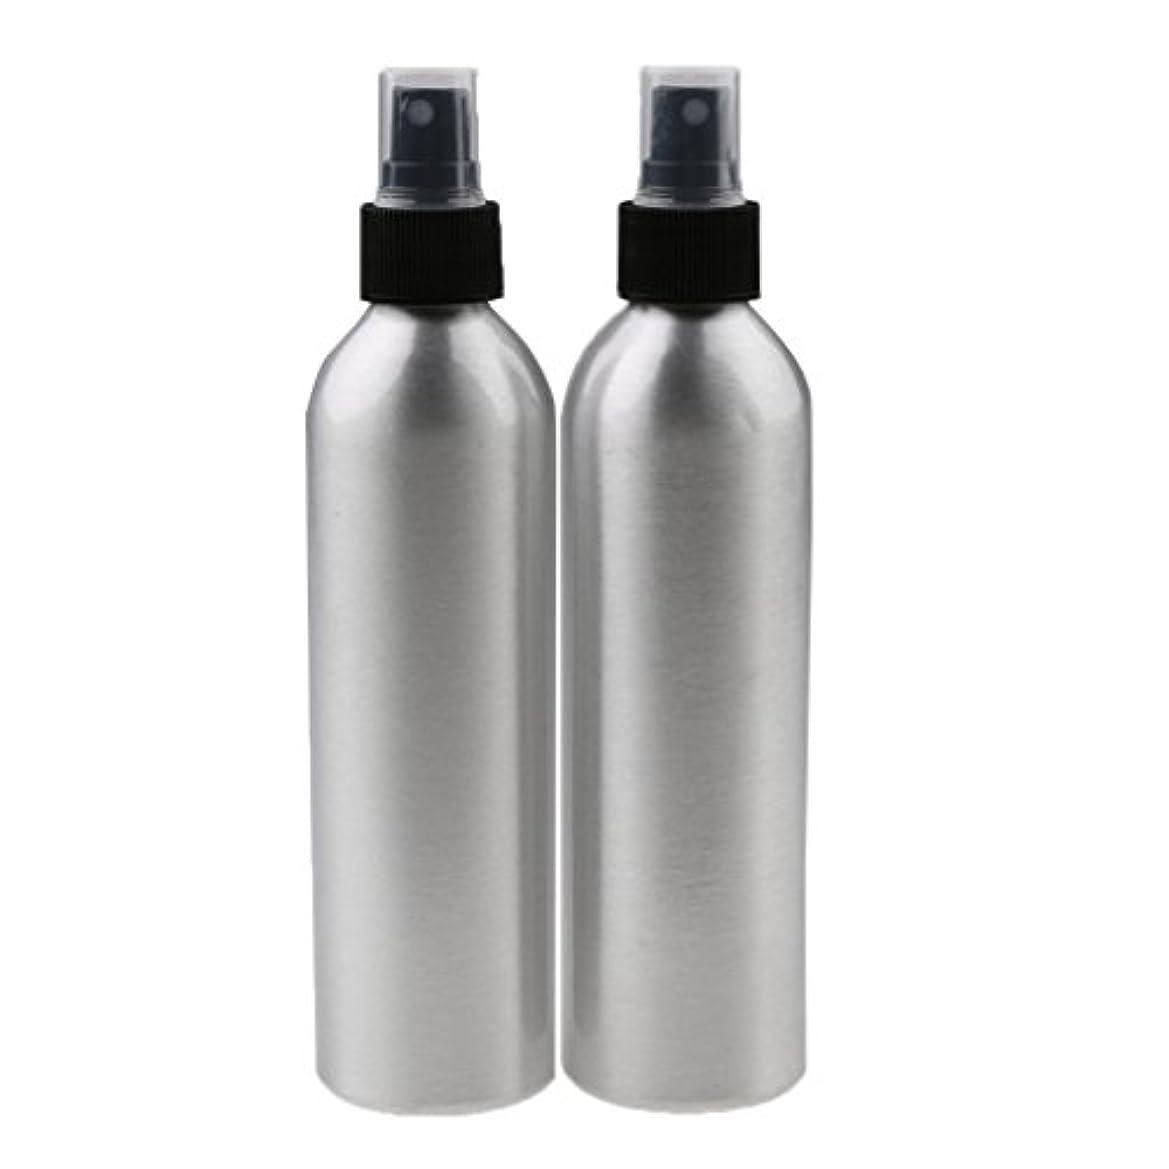 彫刻会計広々Lovoski 2個入り 旅行 アルミ ミスト スプレー 香水ボトル メイクアップ スプレー アトマイザー 香水瓶 携帯用 軽量 便利  全4サイズ - 250ml